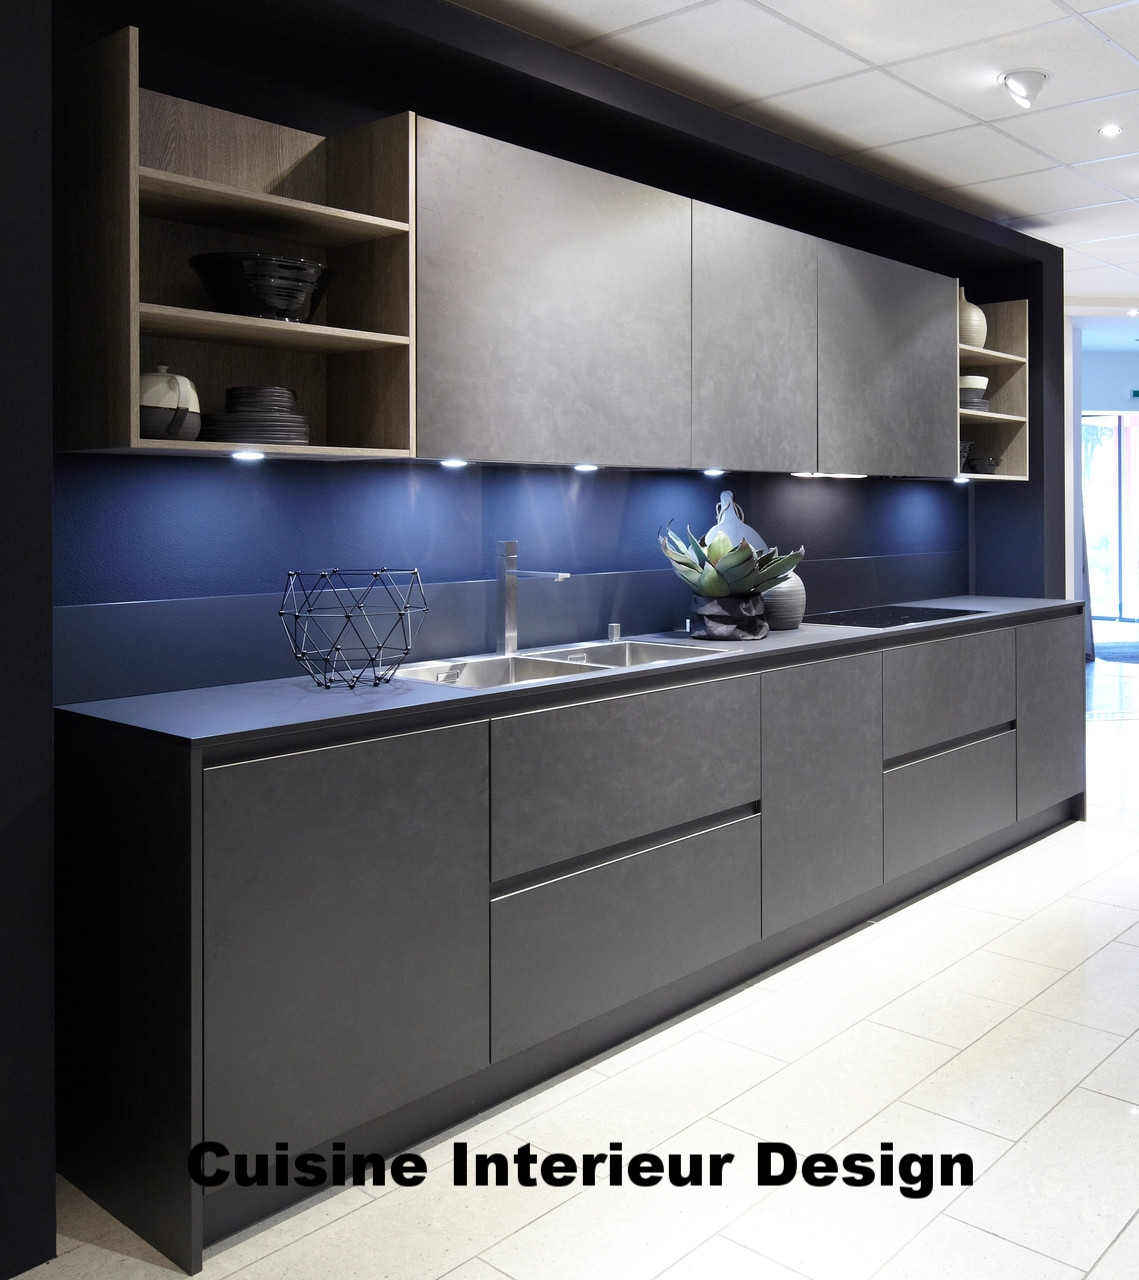 cuisine design haut de gamme meubles allemand et fran ais. Black Bedroom Furniture Sets. Home Design Ideas